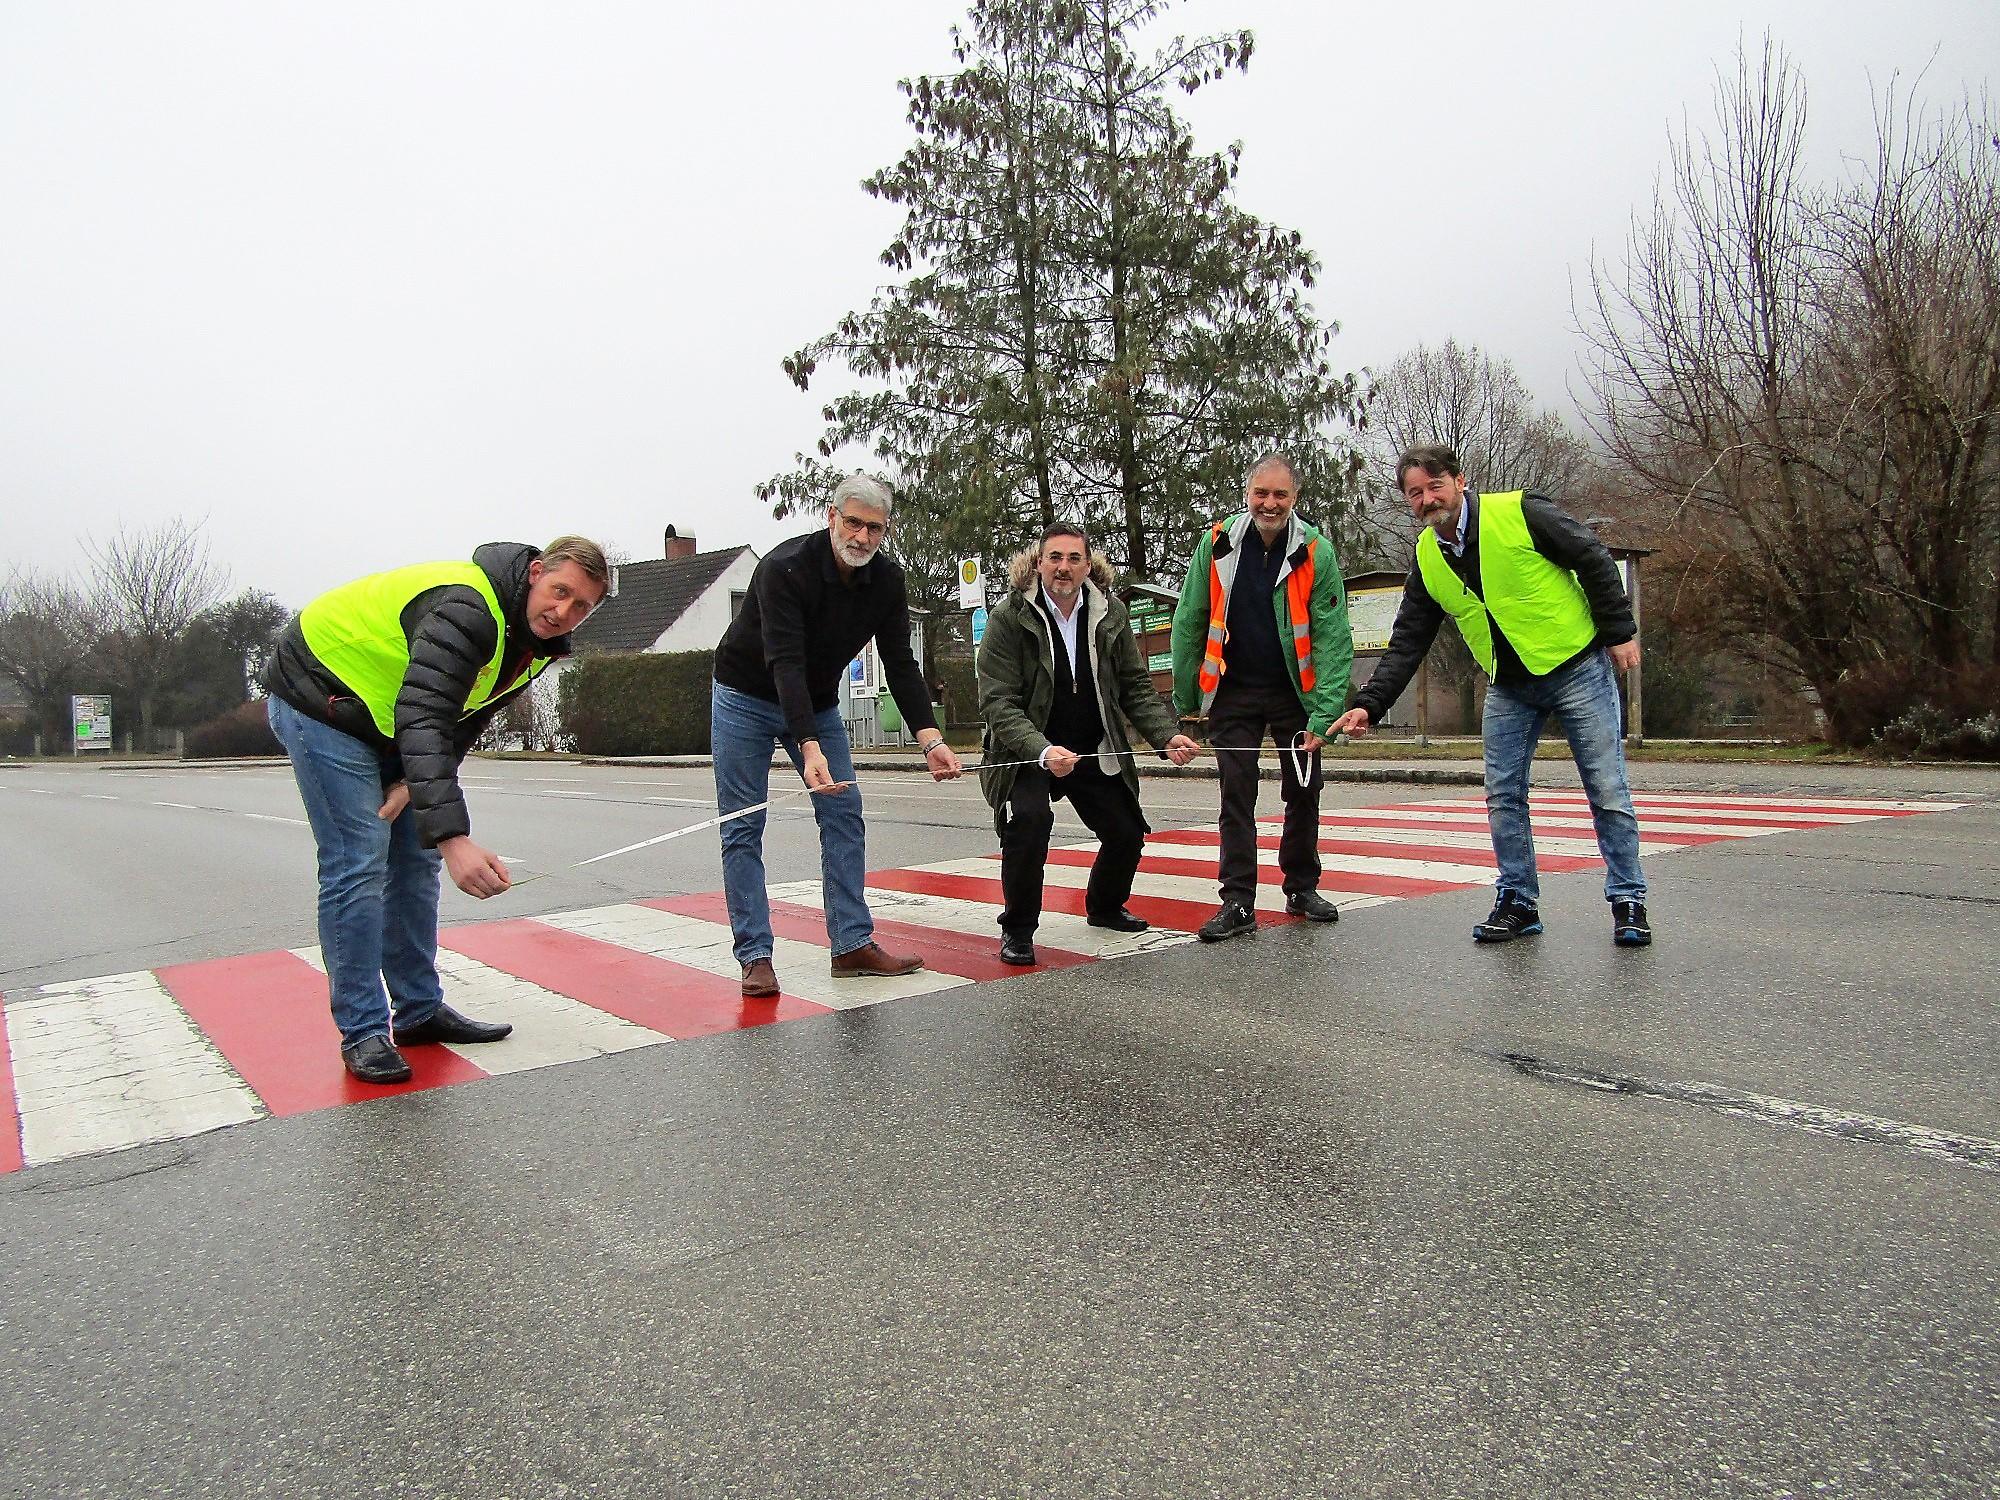 Bürgerinitiative will die Zebrastreifen in Warth erhalten